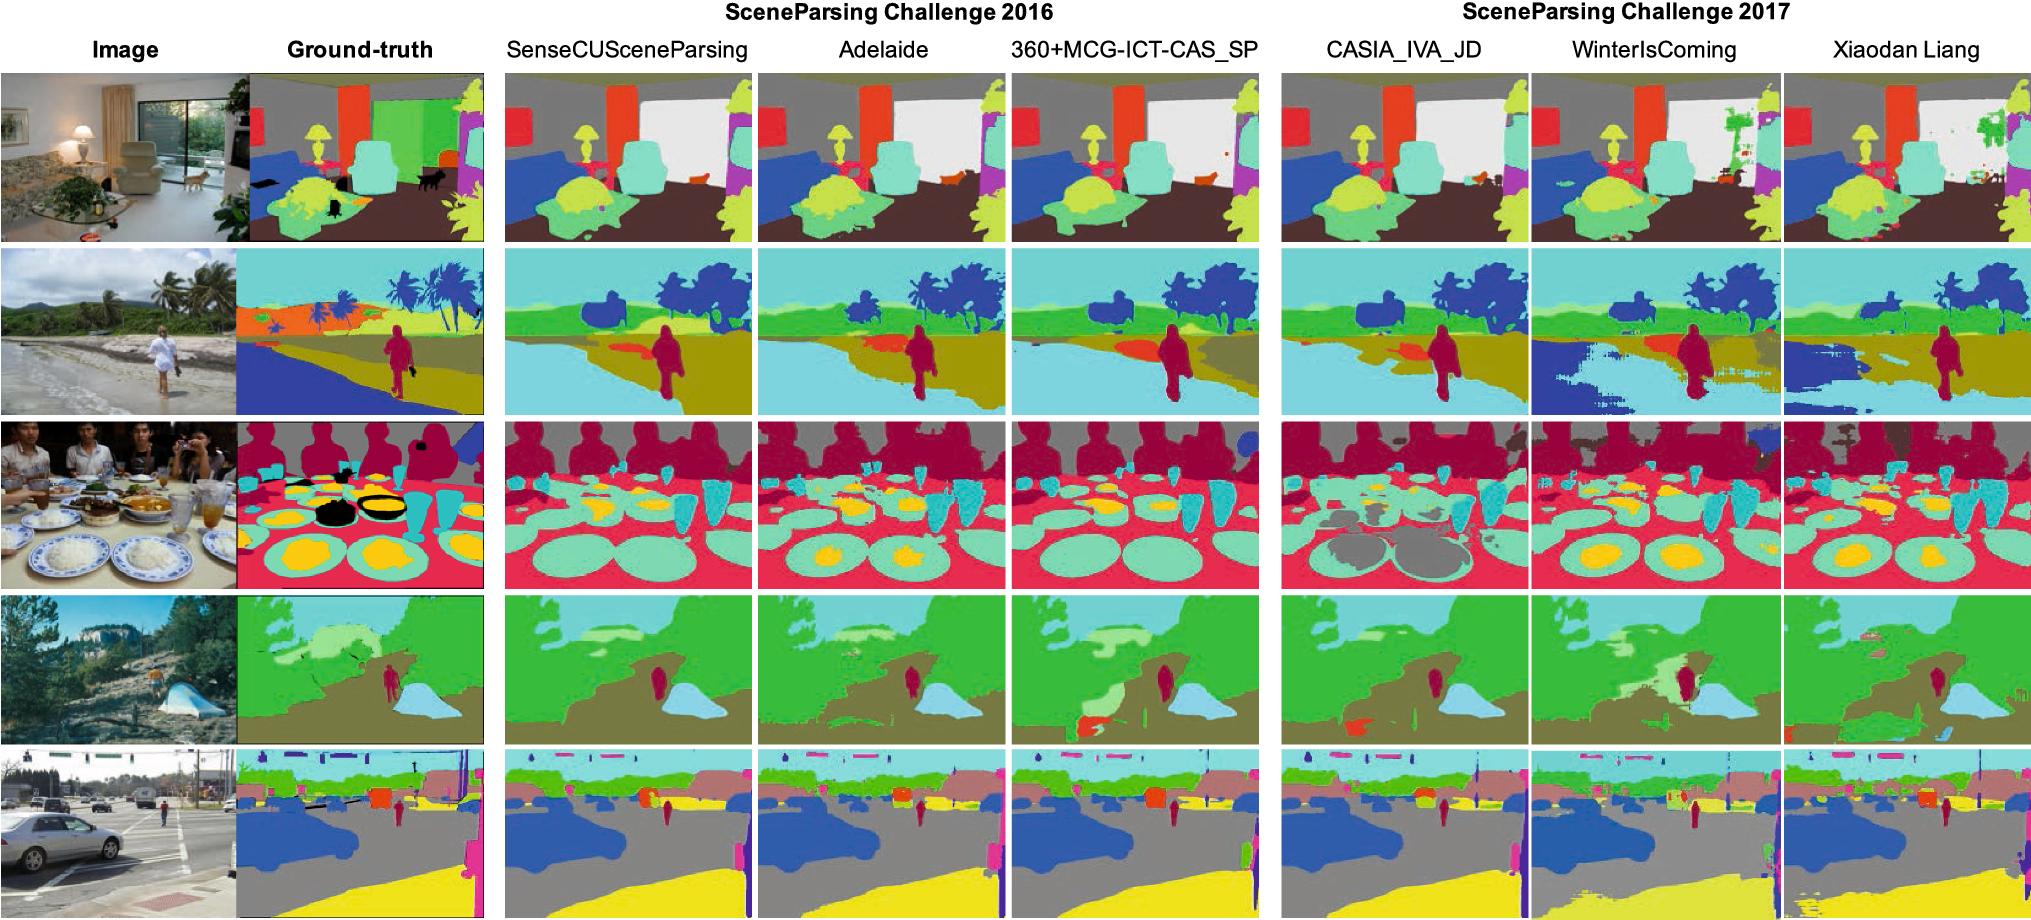 Semantic Understanding of Scenes Through the ADE20K Dataset